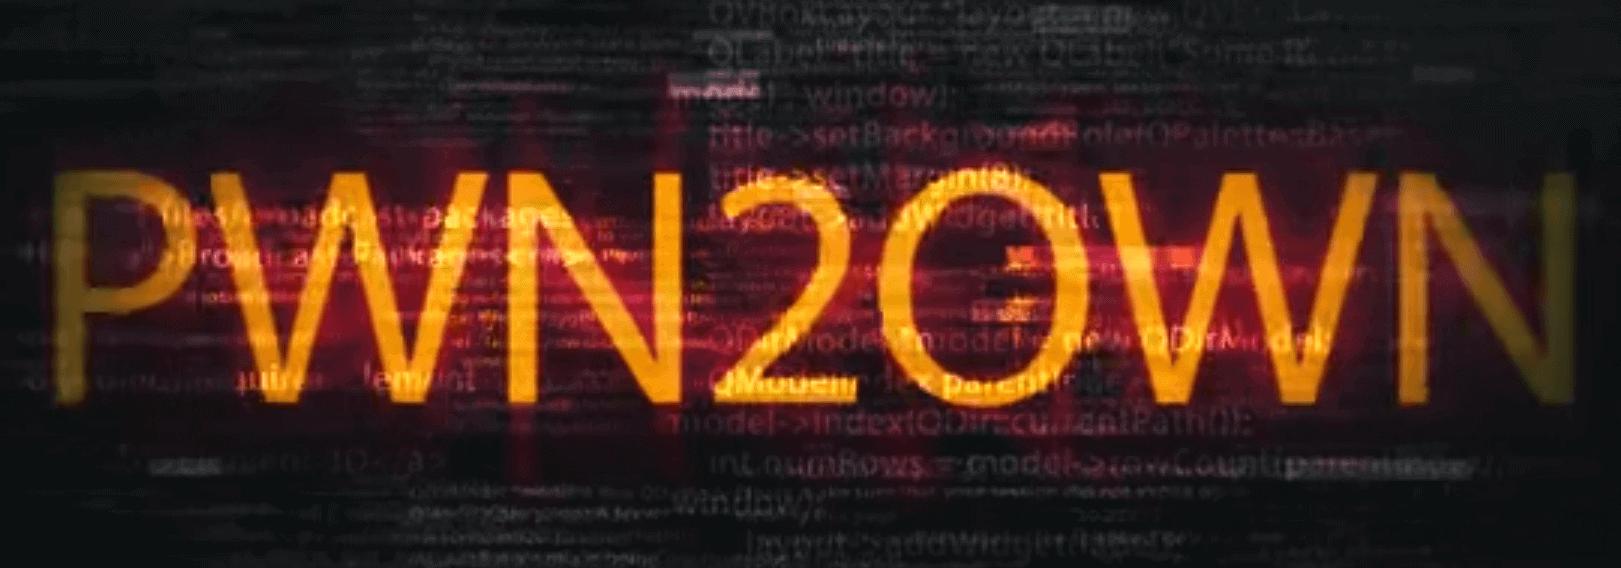 pwn2own 2016